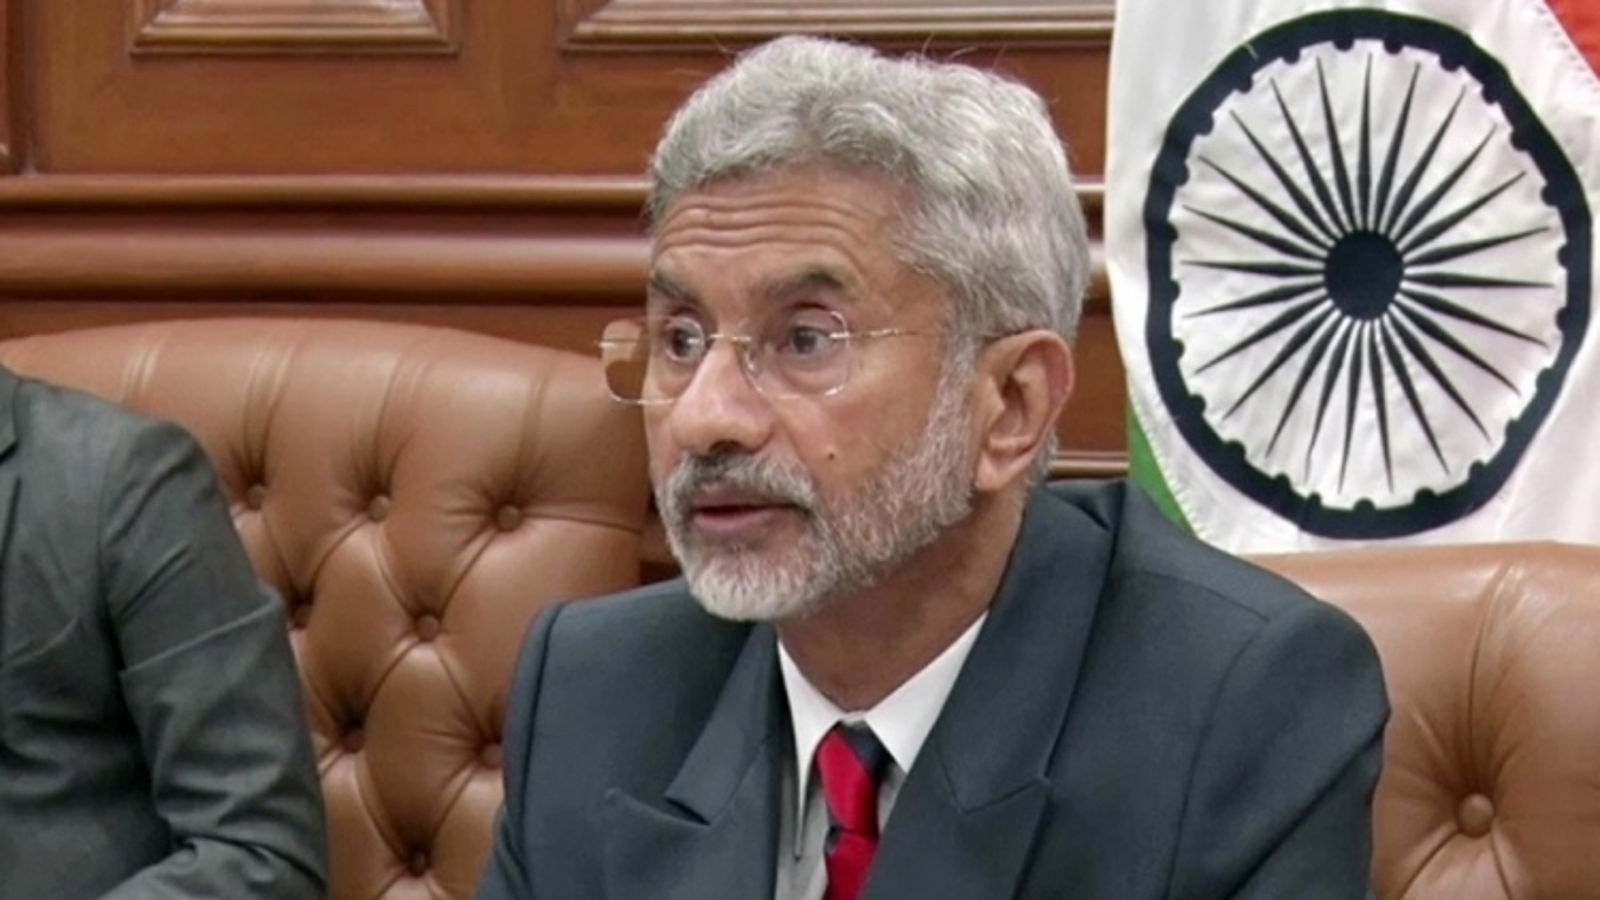 """Ấn Độ lý giải quyết định không tham gia RCEP, đề cao """"tự cường"""""""